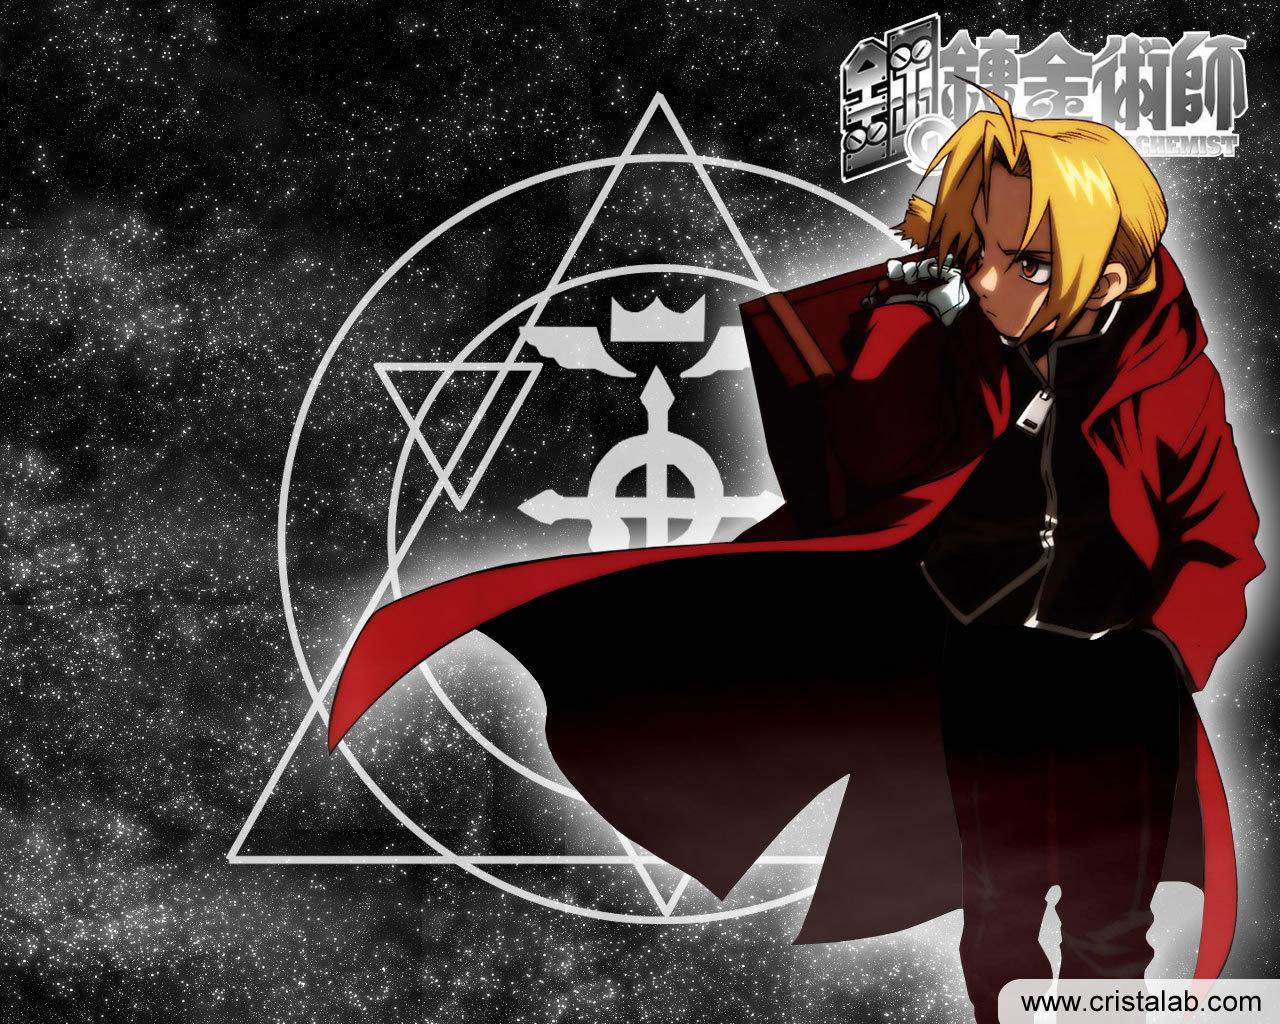 Edward Fullmetal Alchemist Wallpaper